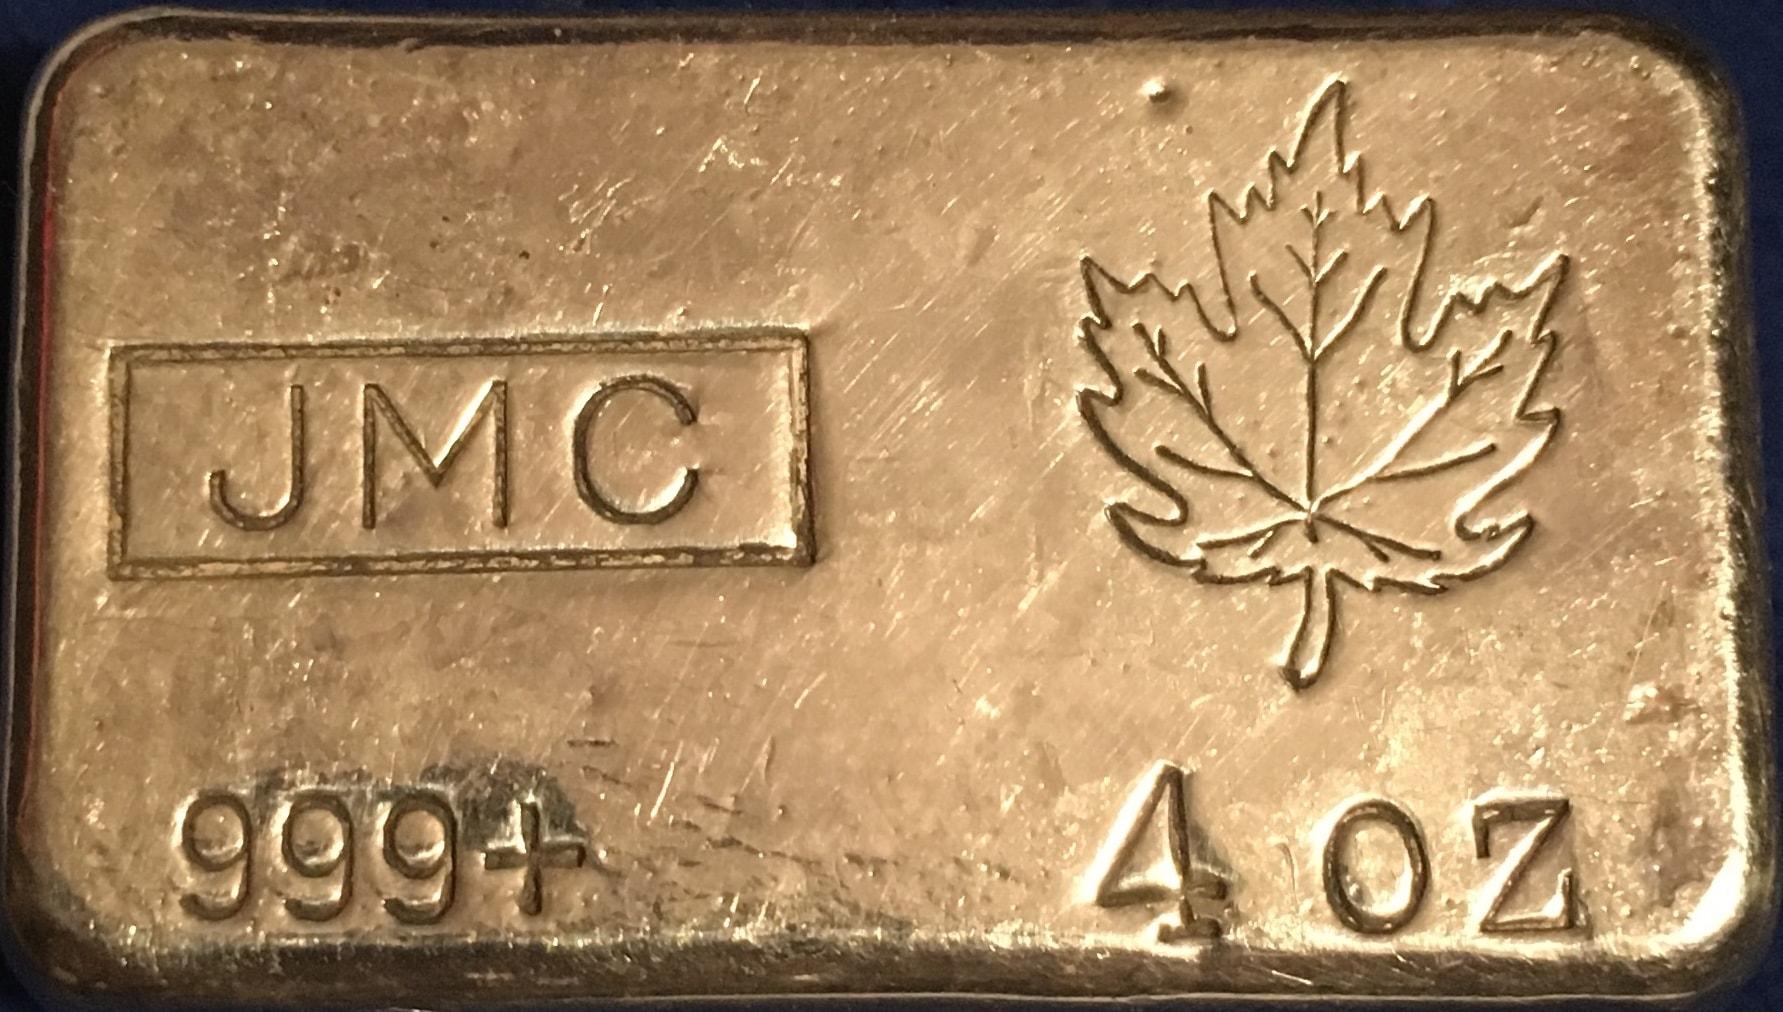 JMC 4oz